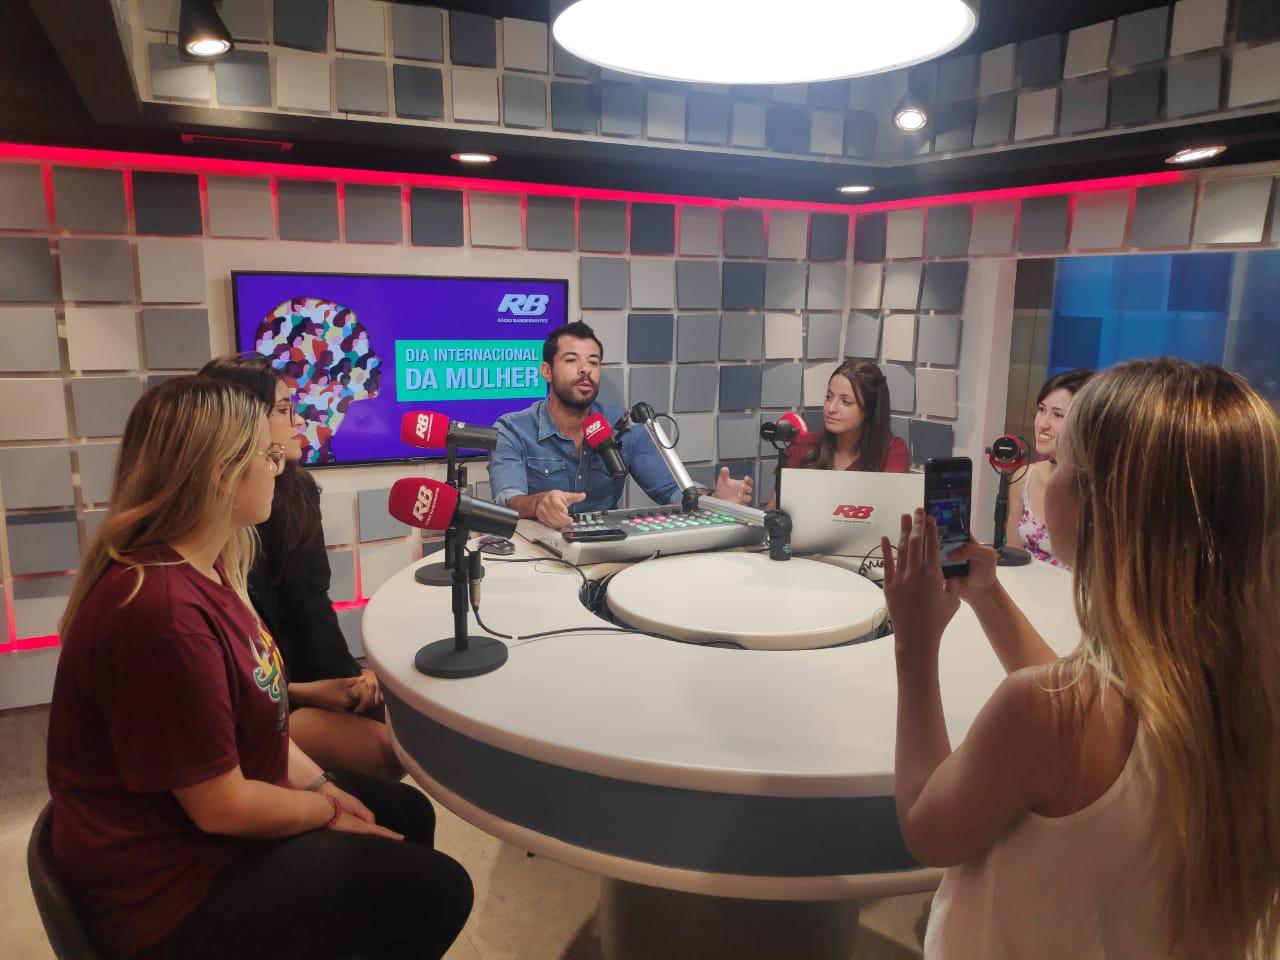 Dia da Mulher: Fala! comenta sobre assunto na Rádio Bandeirantes